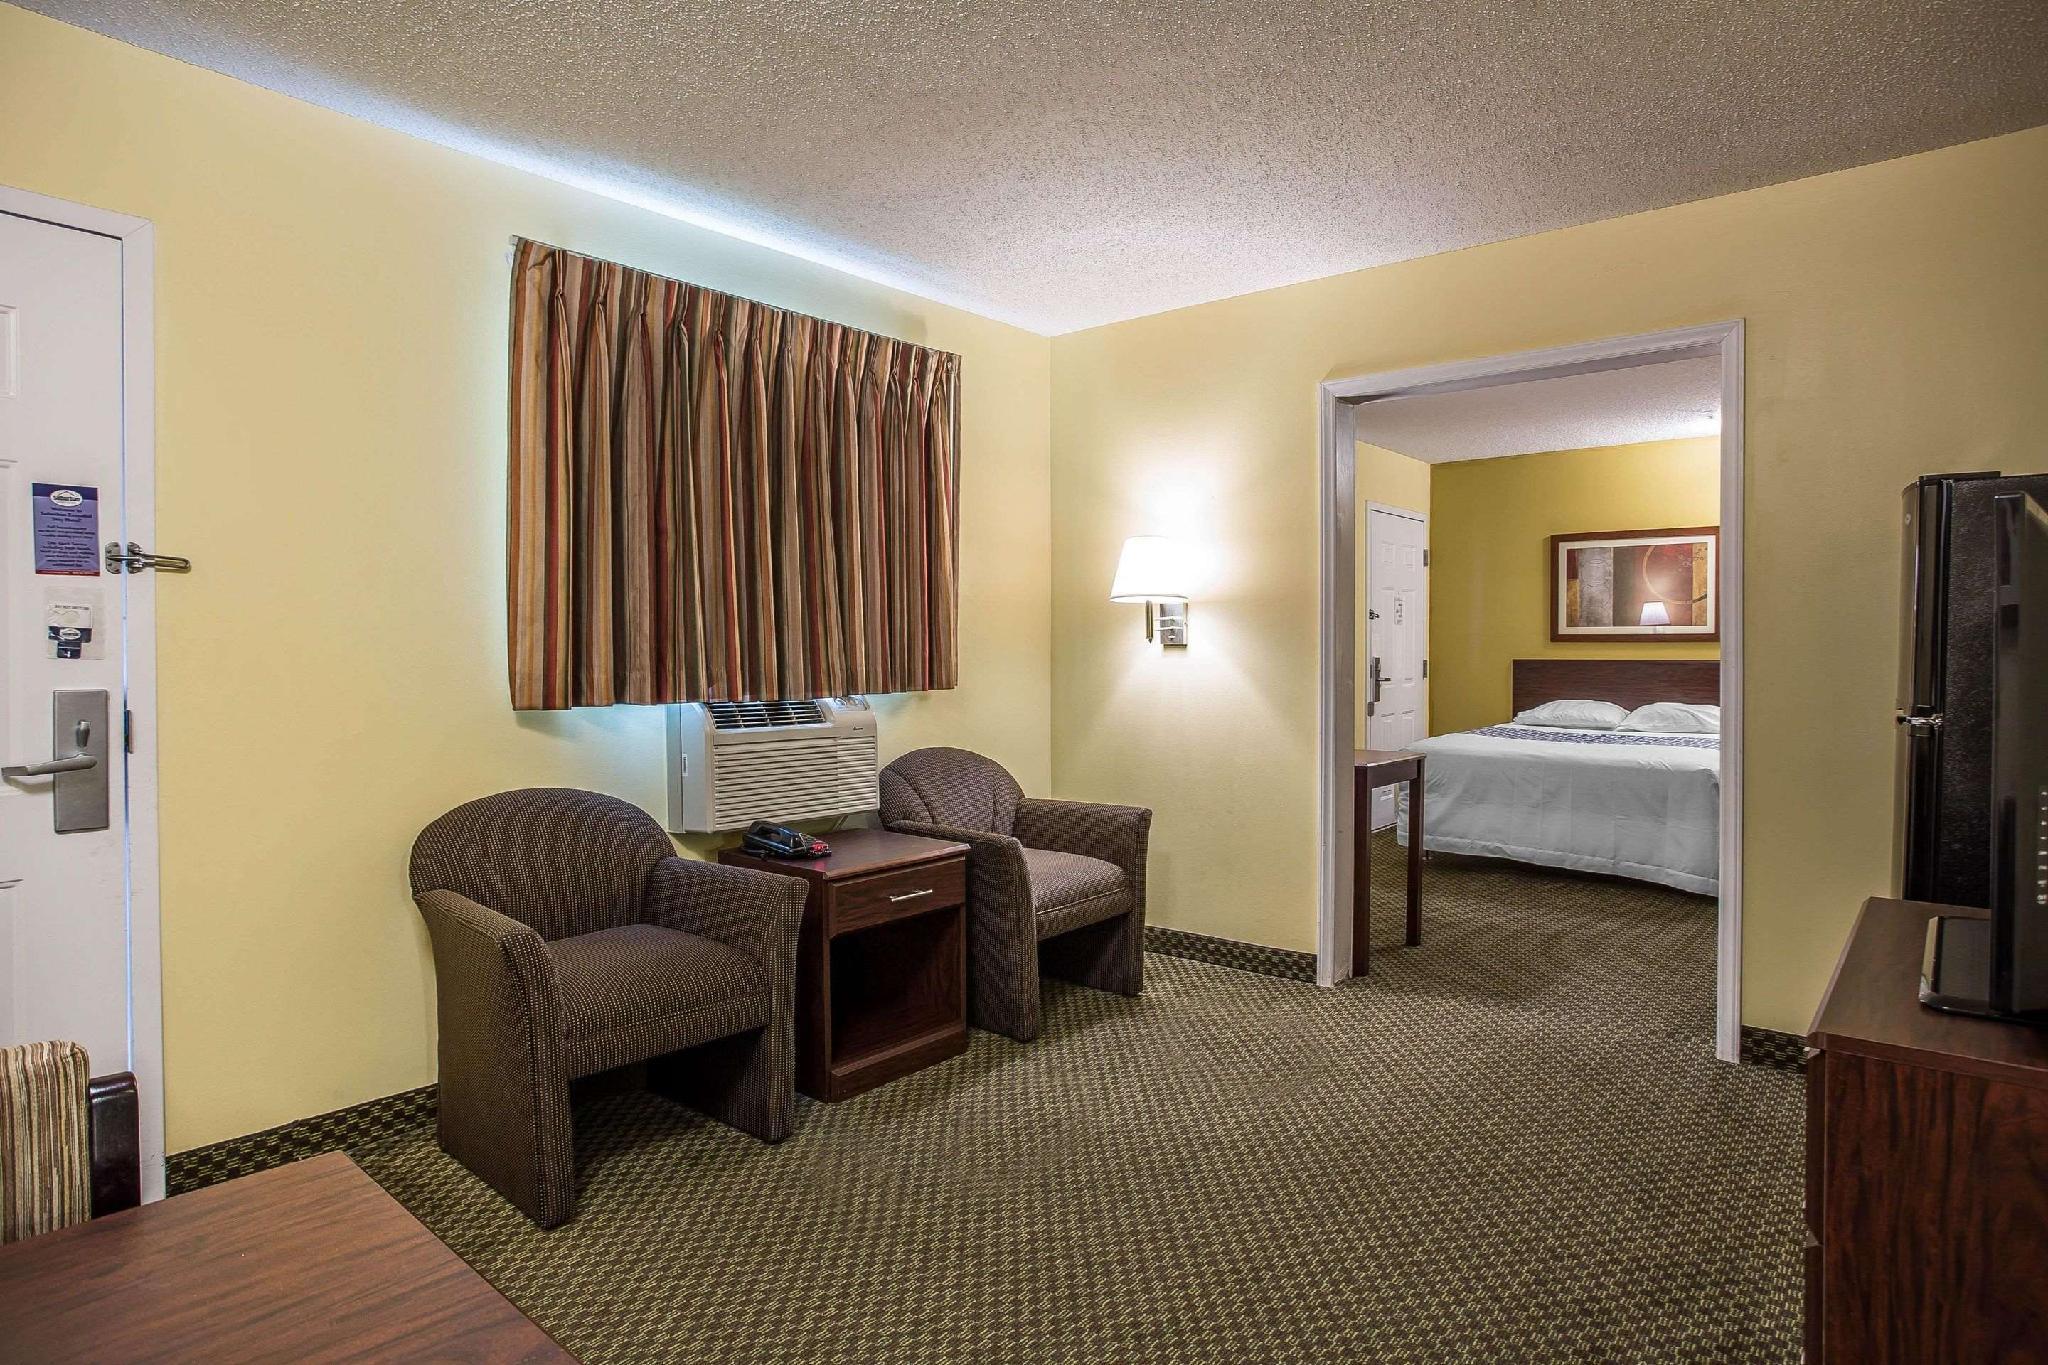 2 Queen Beds, Efficiency, Suite, Smoking